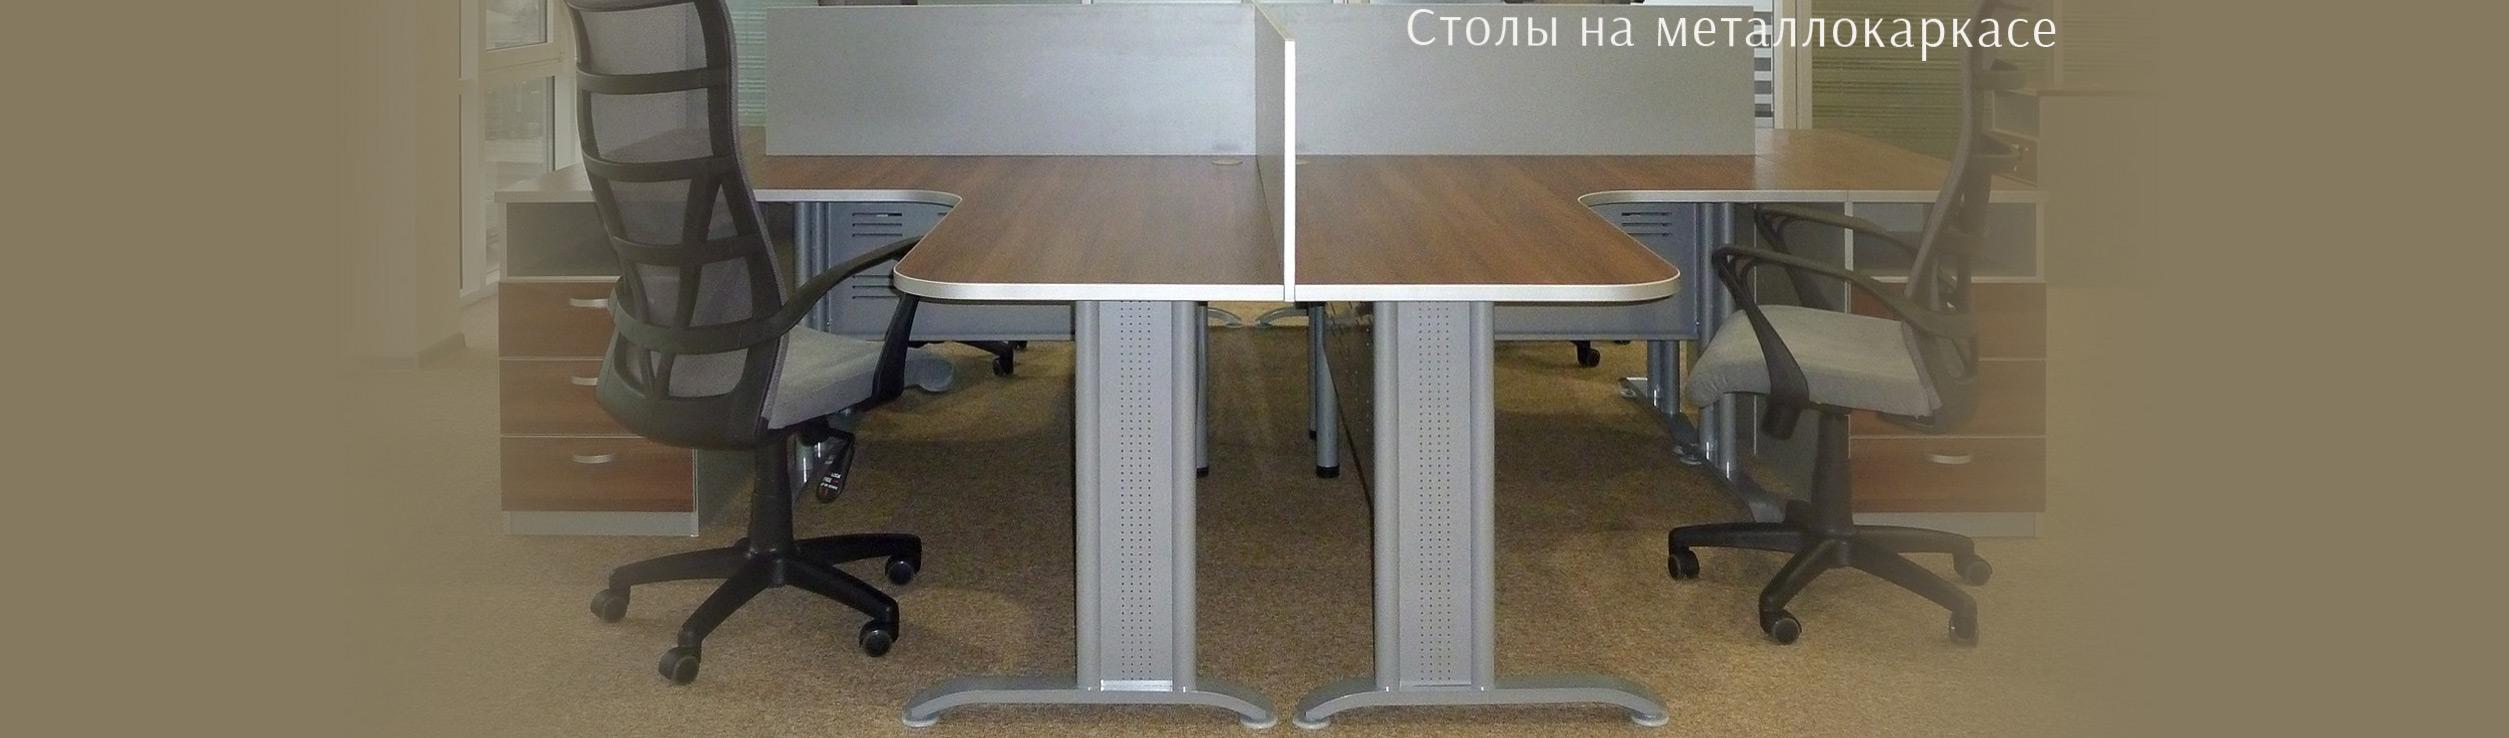 Столы на металлокаркасе и другая мебель для персонала на заказ